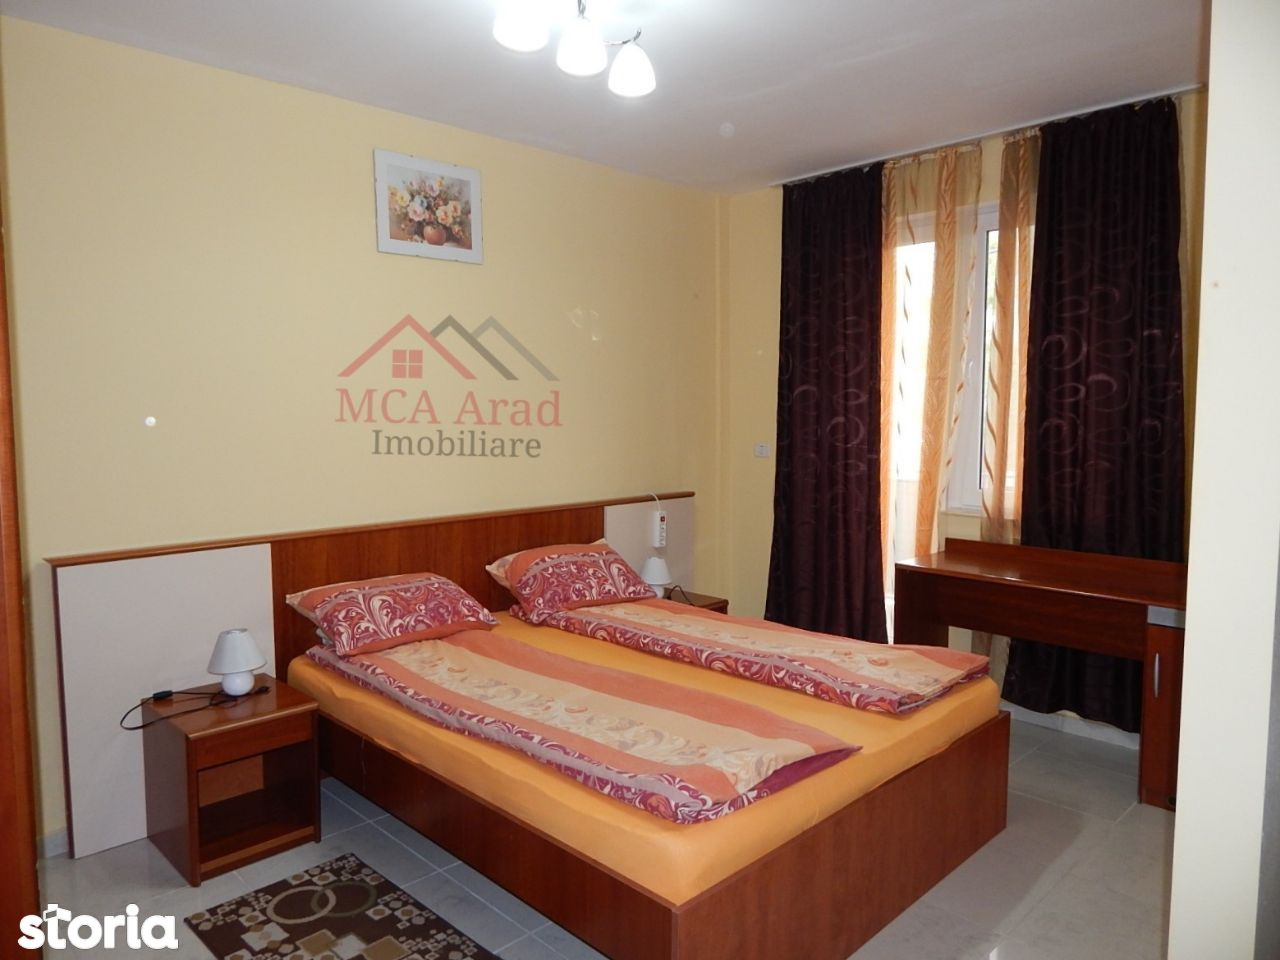 Apartament o camera zona Vlaicu bloc nou - ID MCA1062